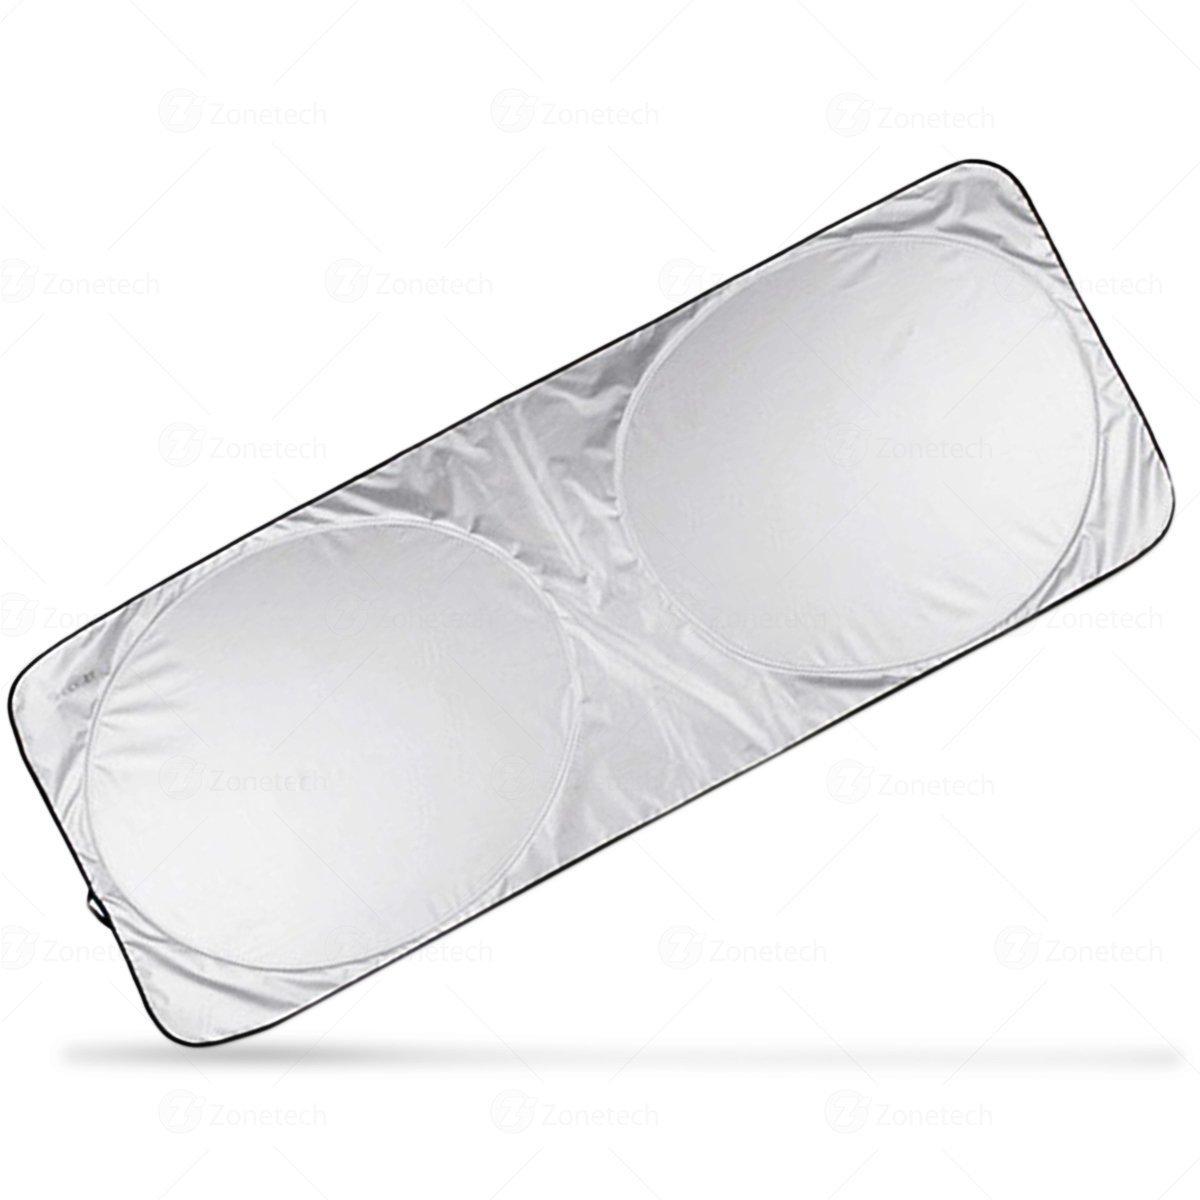 Car Windshield Sun Shades Protector- Zone Tech Nylon Windshield Magic Sunshade - Premium Quality Super Jumbo Nylon Reflective Car Magic Sunshade